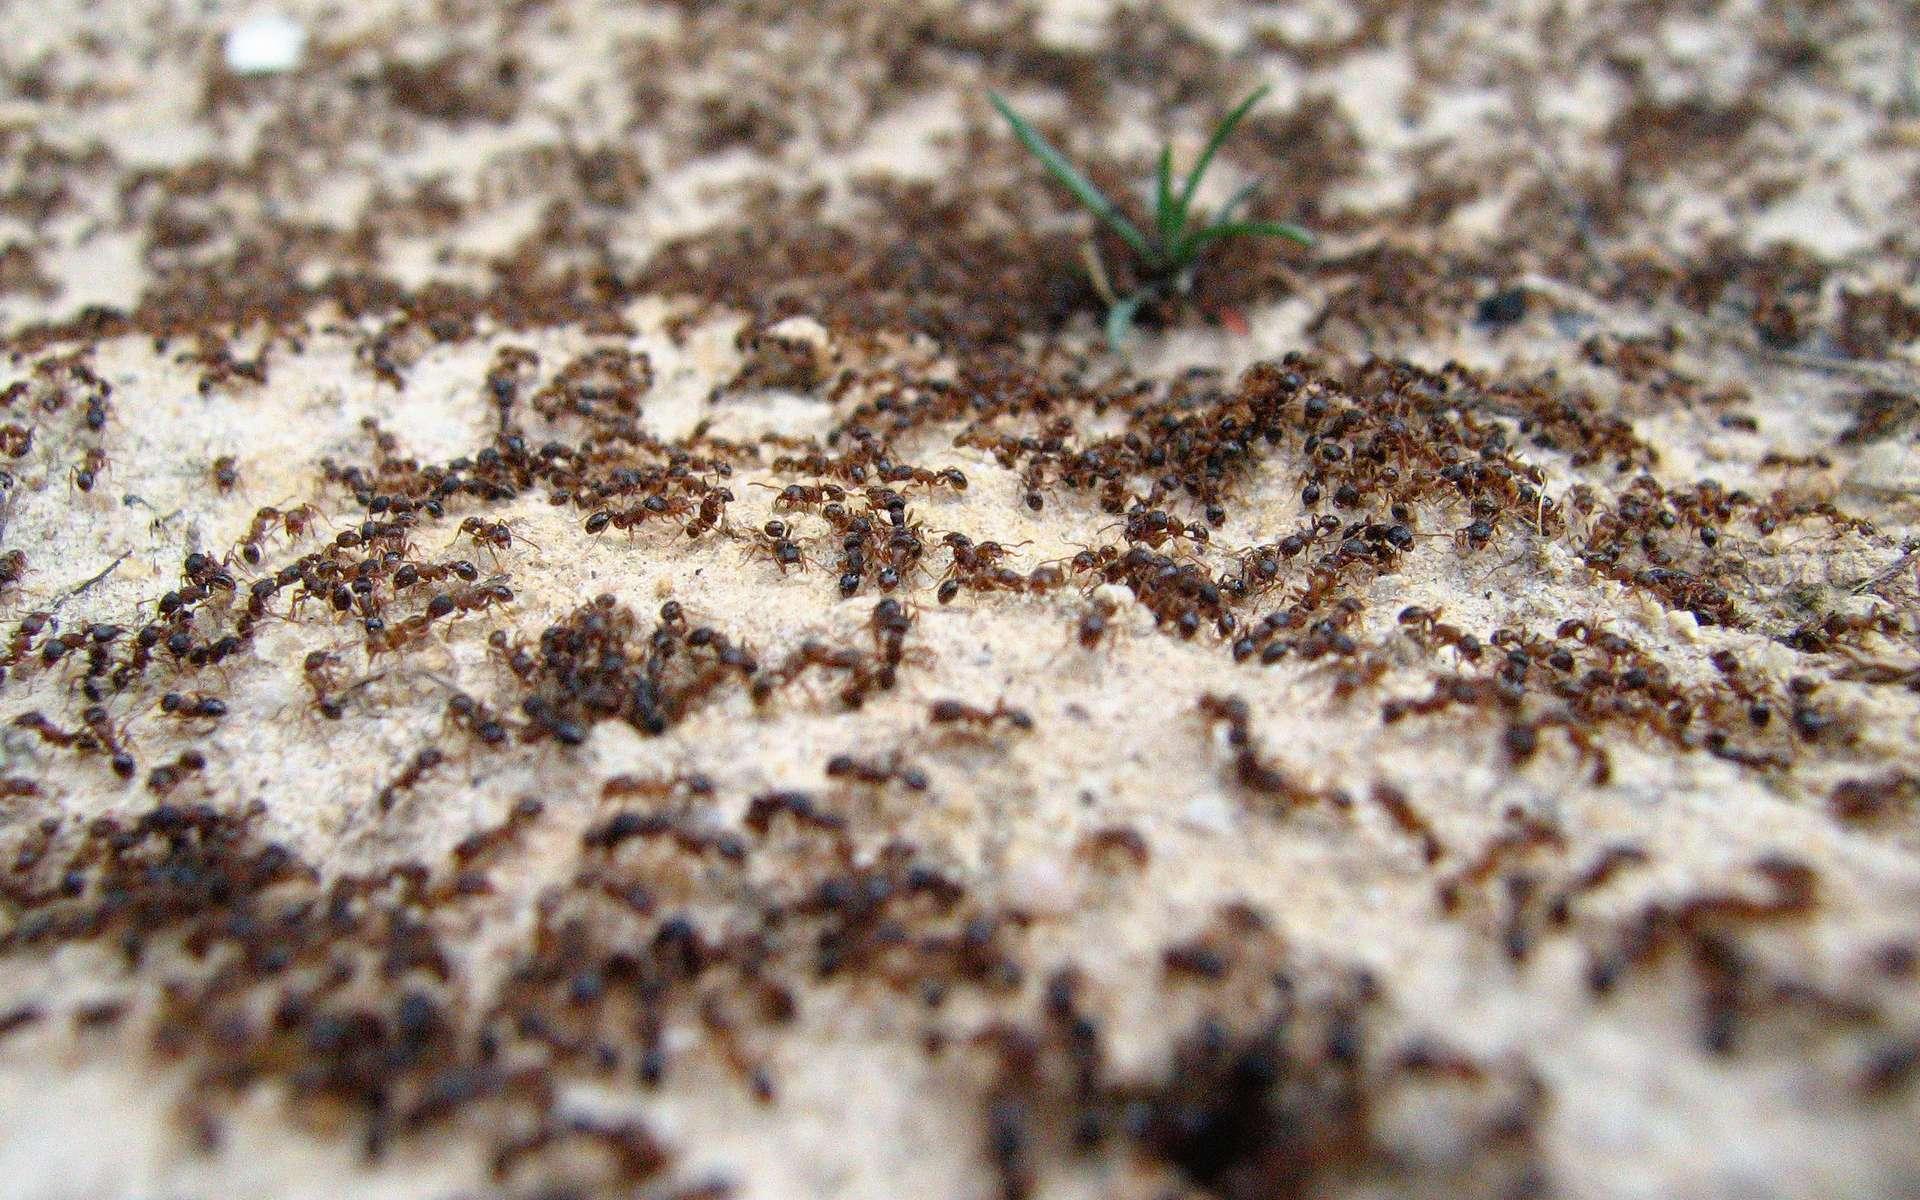 Les fourmis sont les championnes de la circulation efficace. © schizoform, Flickr